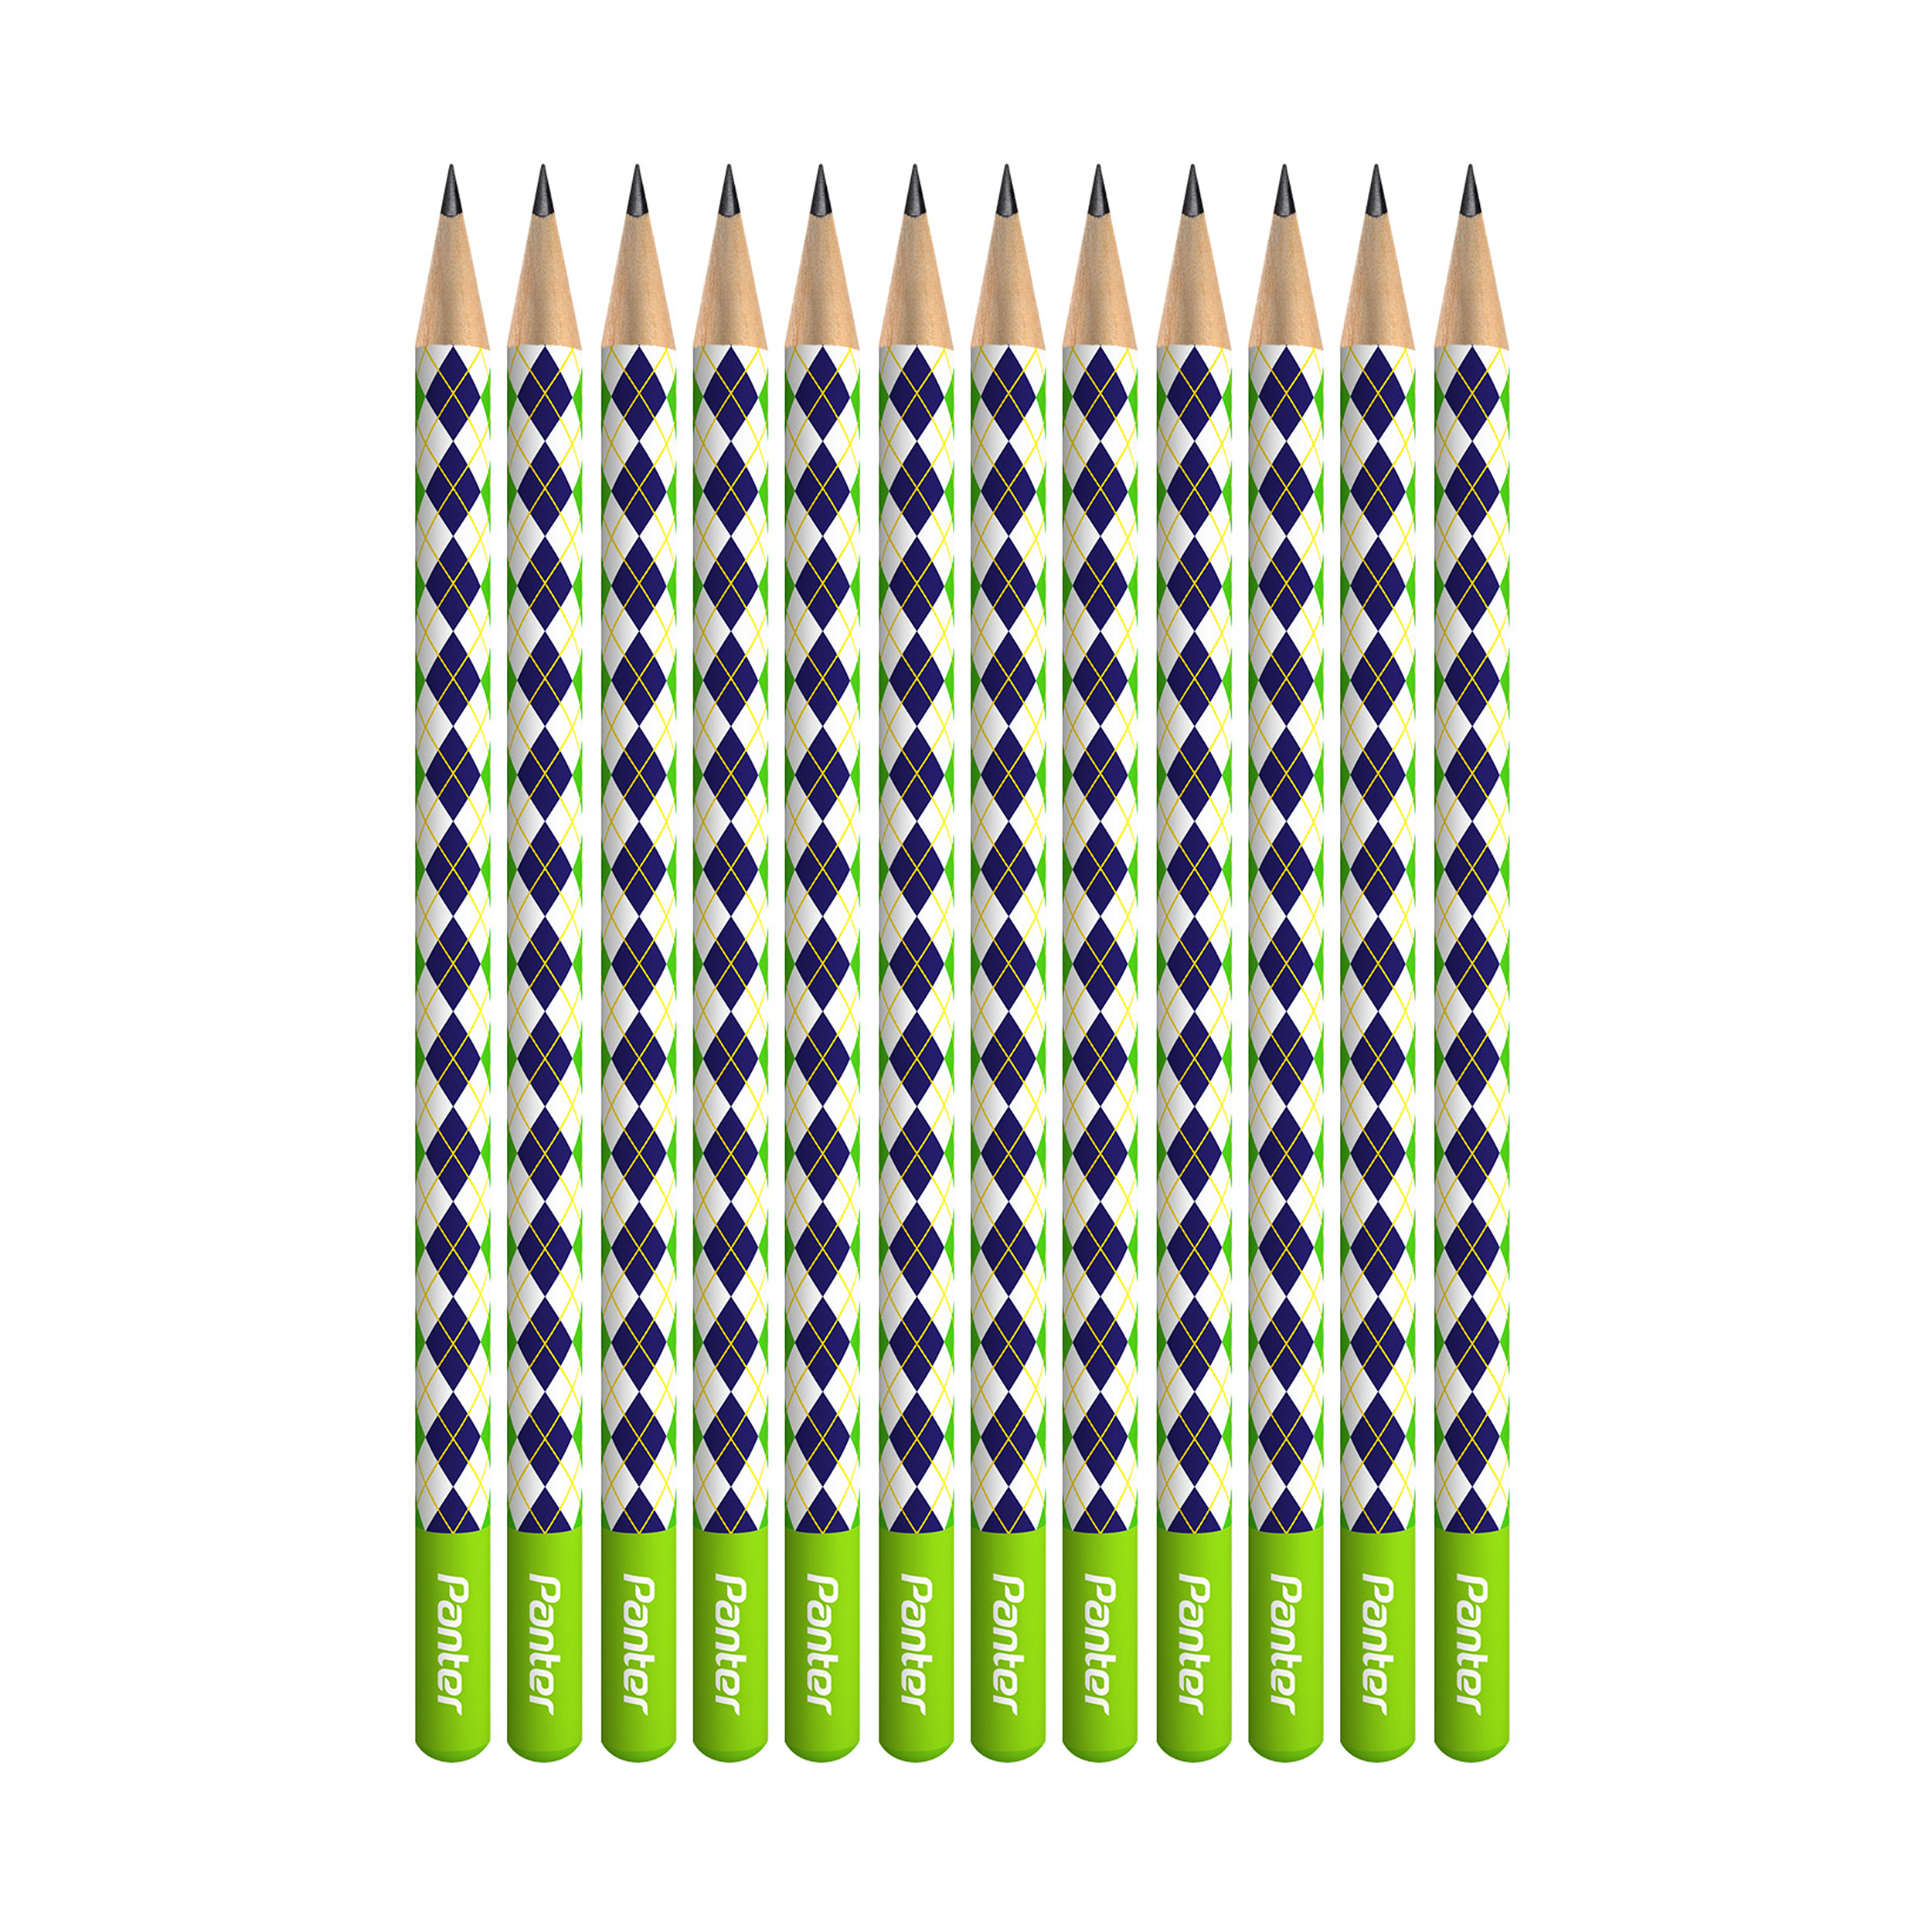 قیمت خرید مداد مشکی پنتر سری Art مدل Scotch کد BP114-1 بسته 12 عددی اورجینال